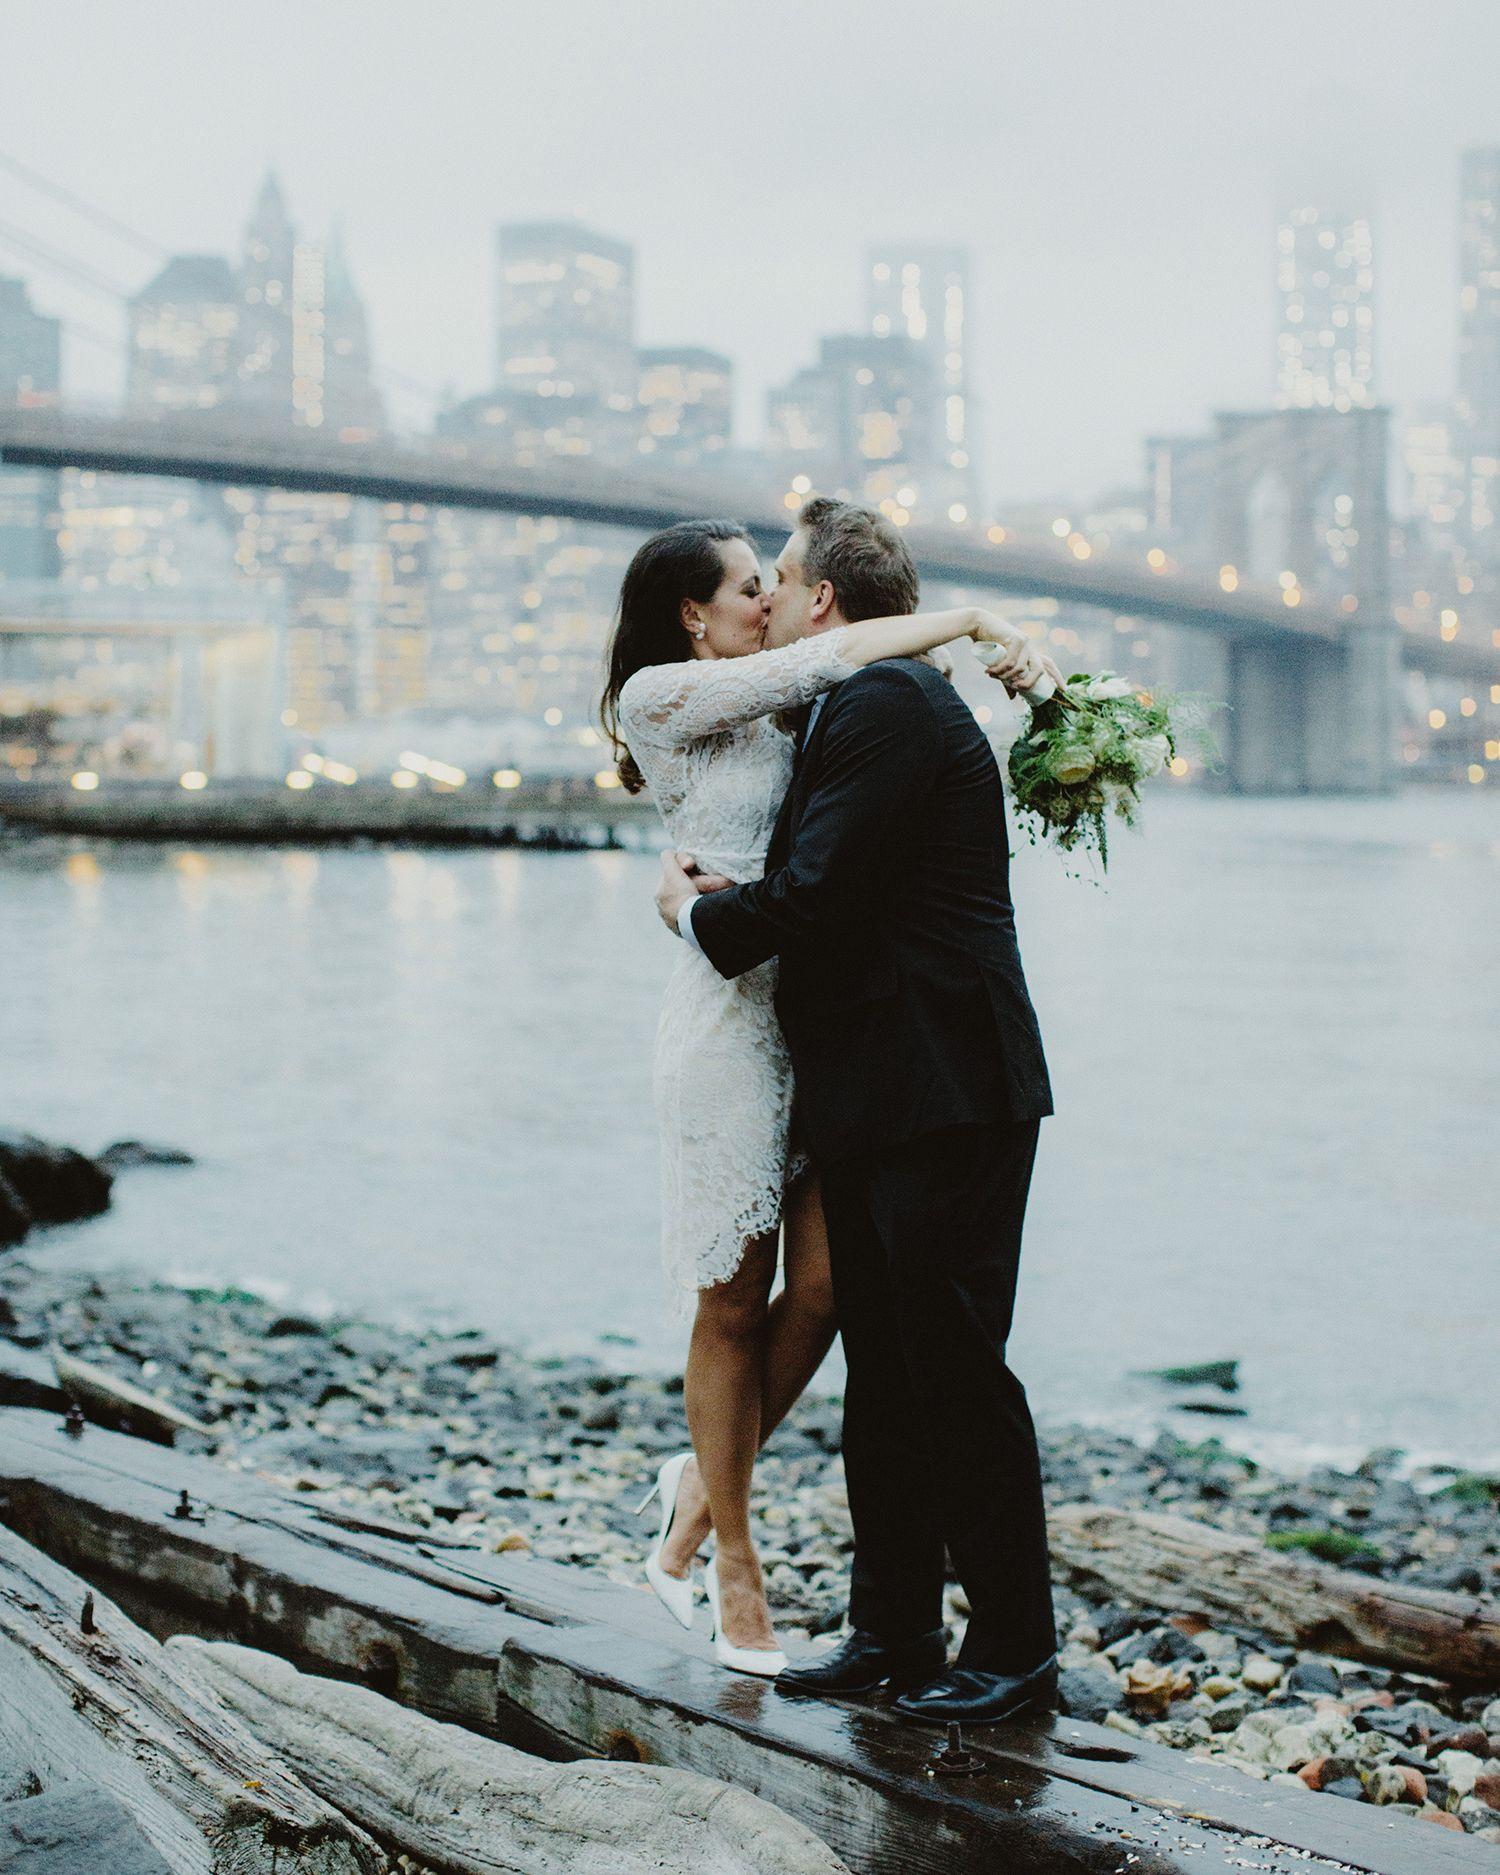 Wedding Elopement Ideas: New York Elopement. Photo By Samm Blake